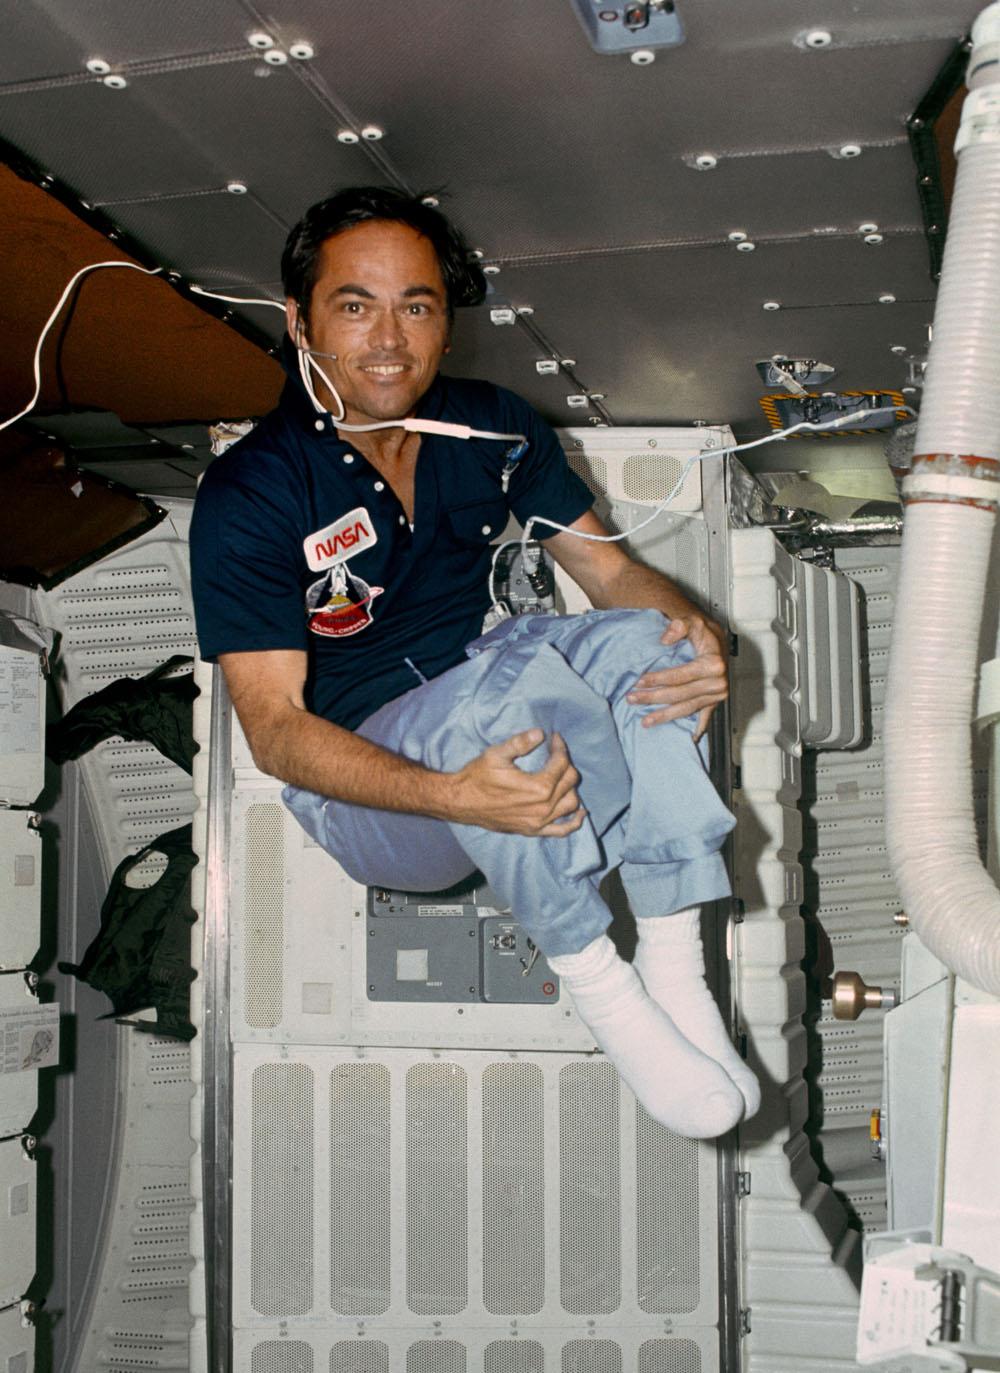 L'astronaute Robert L.Crippen, pilote de STS-1 profite de l'apesanteur pour faire de rares acrobaties sur le pont intermédiaire de la navette spatiale Columbia en orbite terrestre lors de la mission de deux jours entre le 12 avril et le 14 avril 1981.